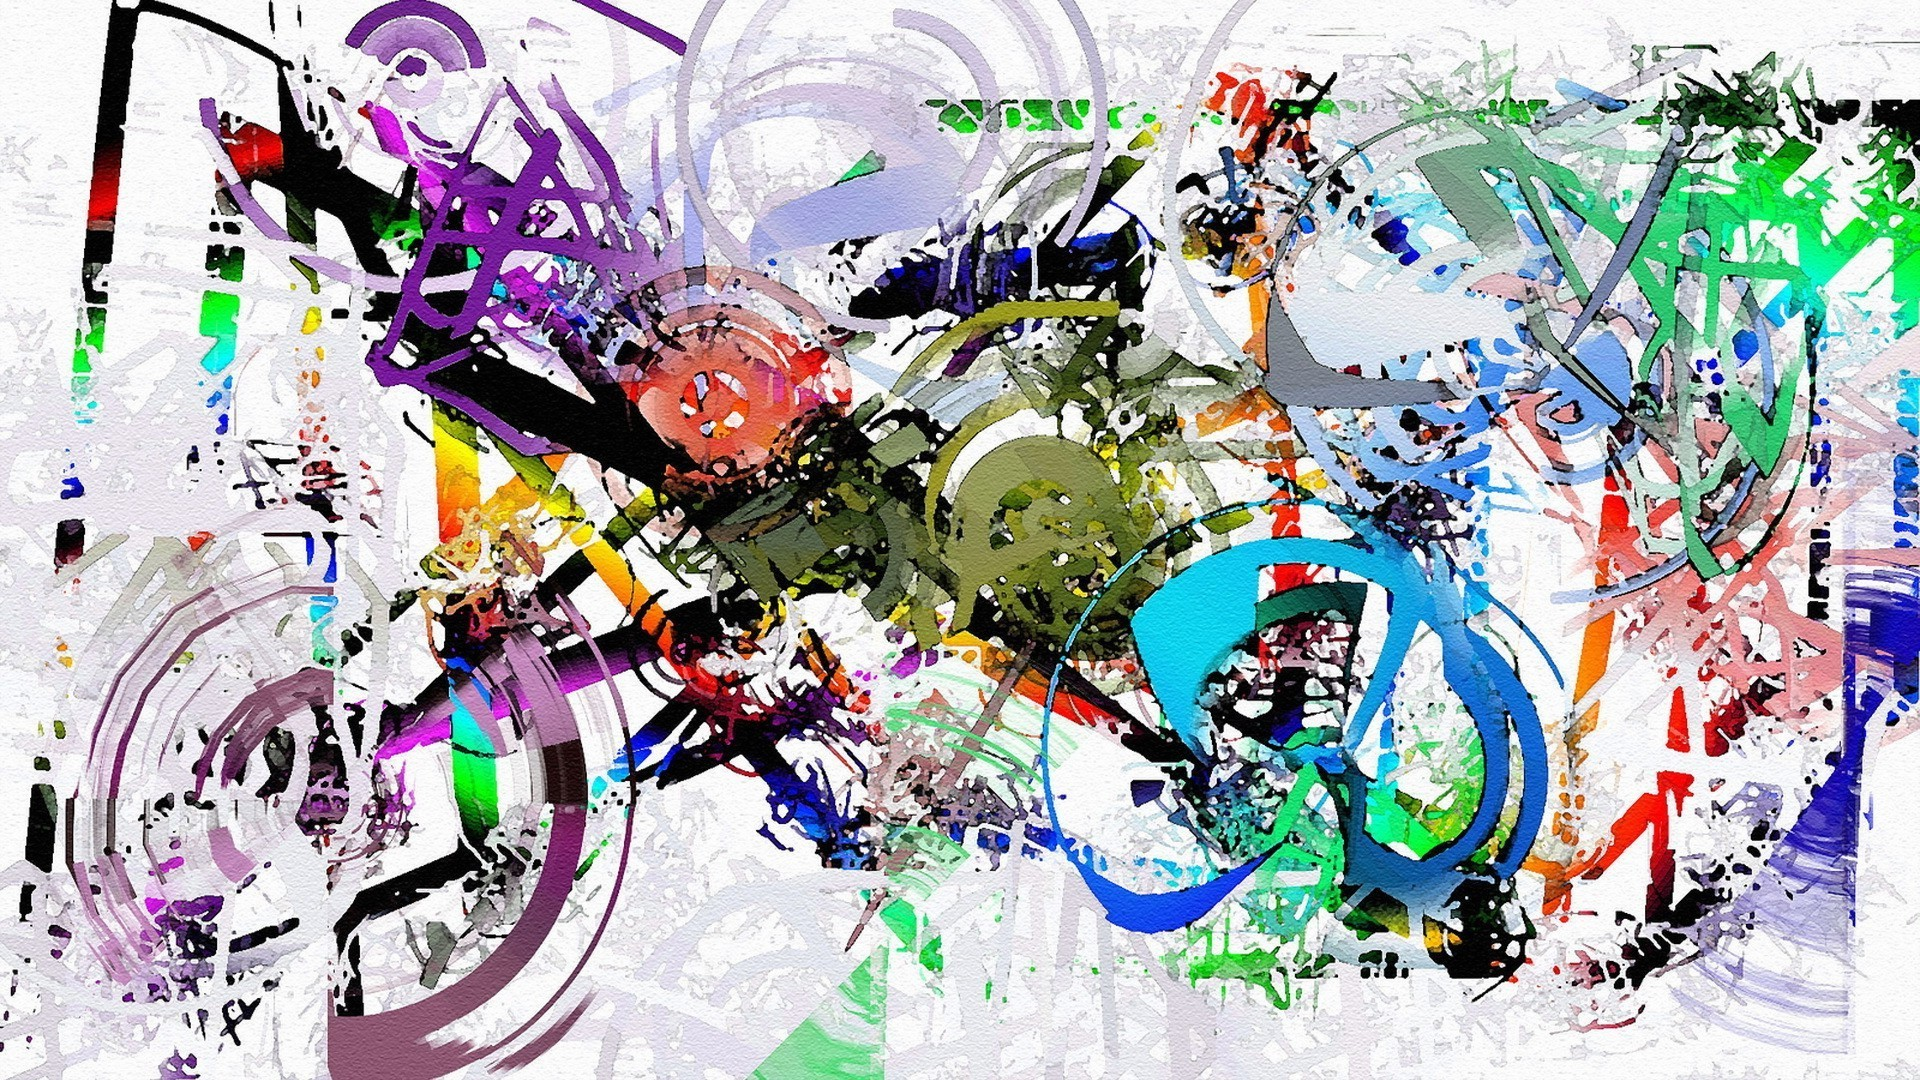 Splatter Backgrounds 46 Images